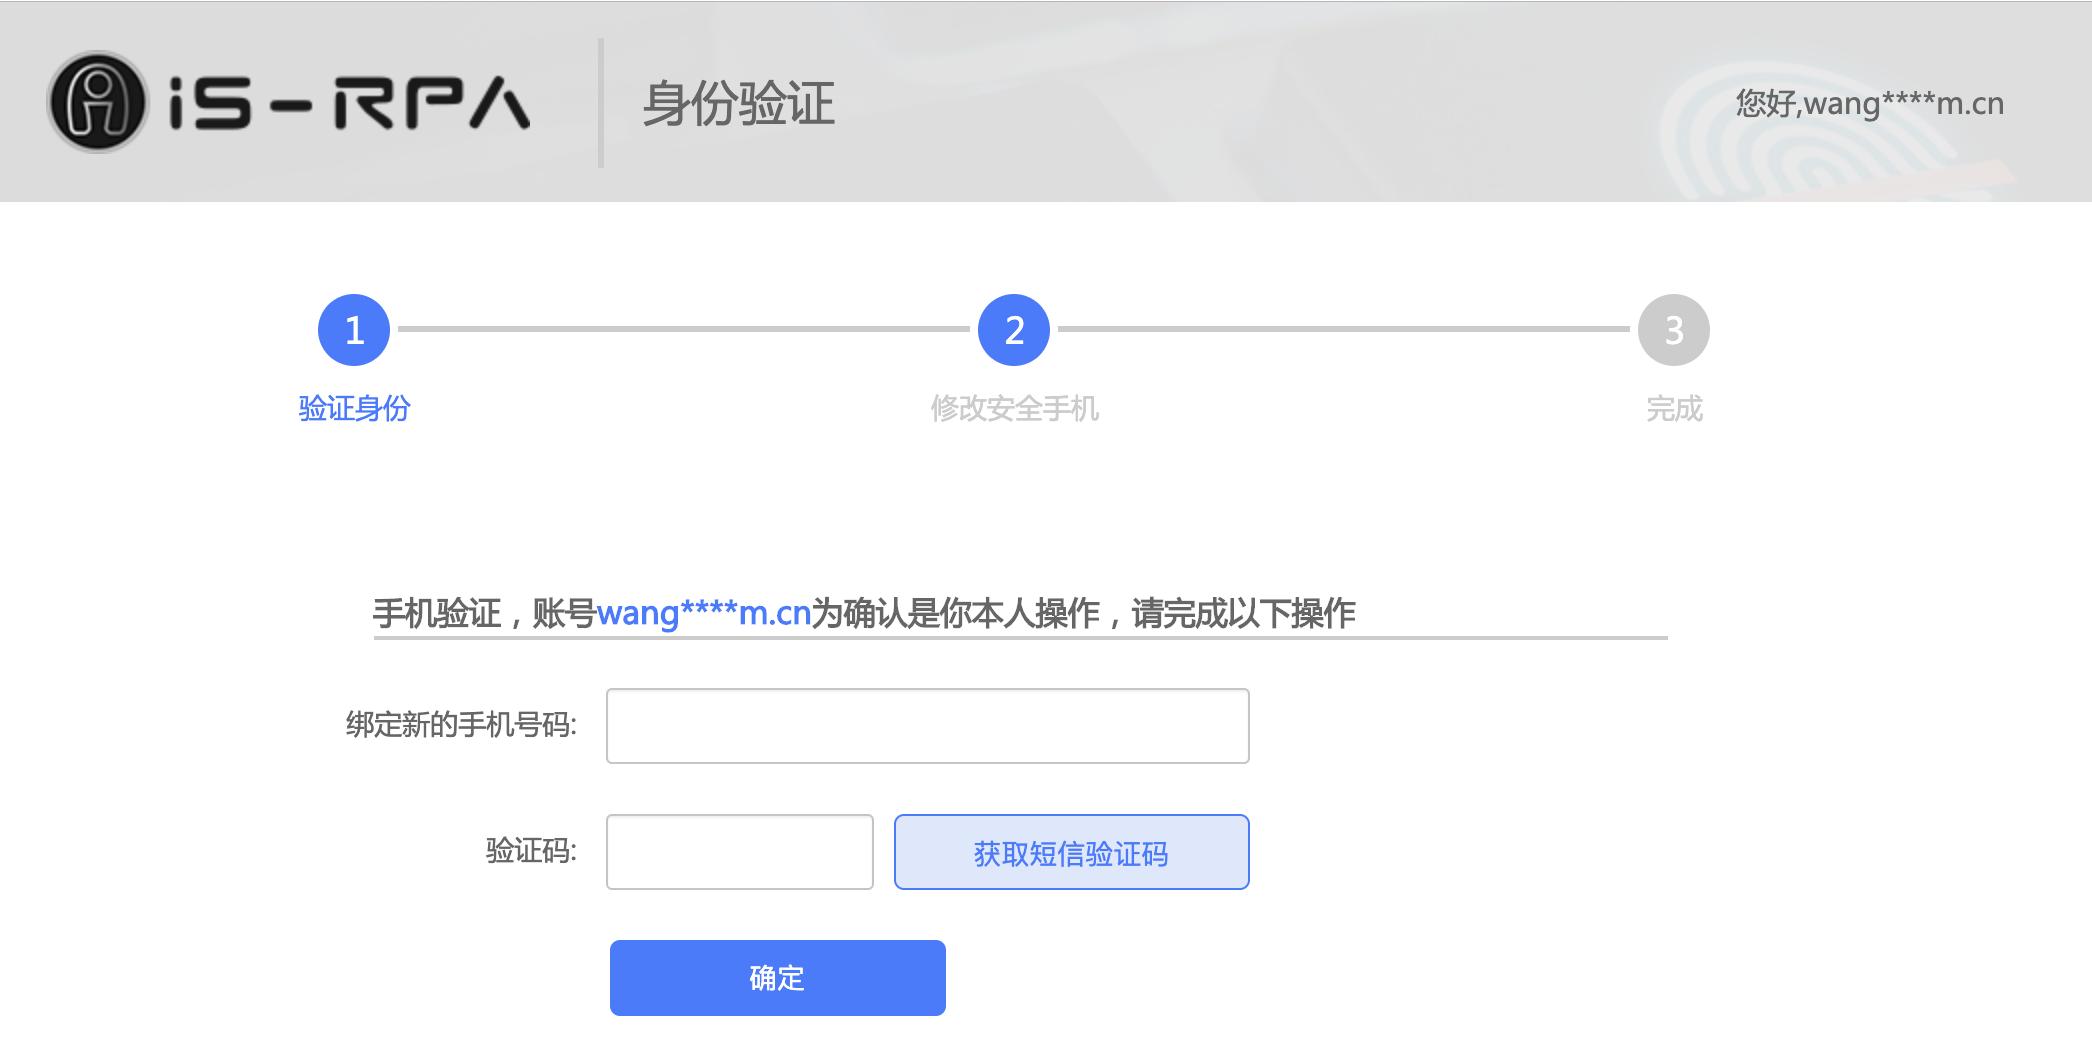 如何修改艺赛旗 ID 绑定的手机号码与邮箱